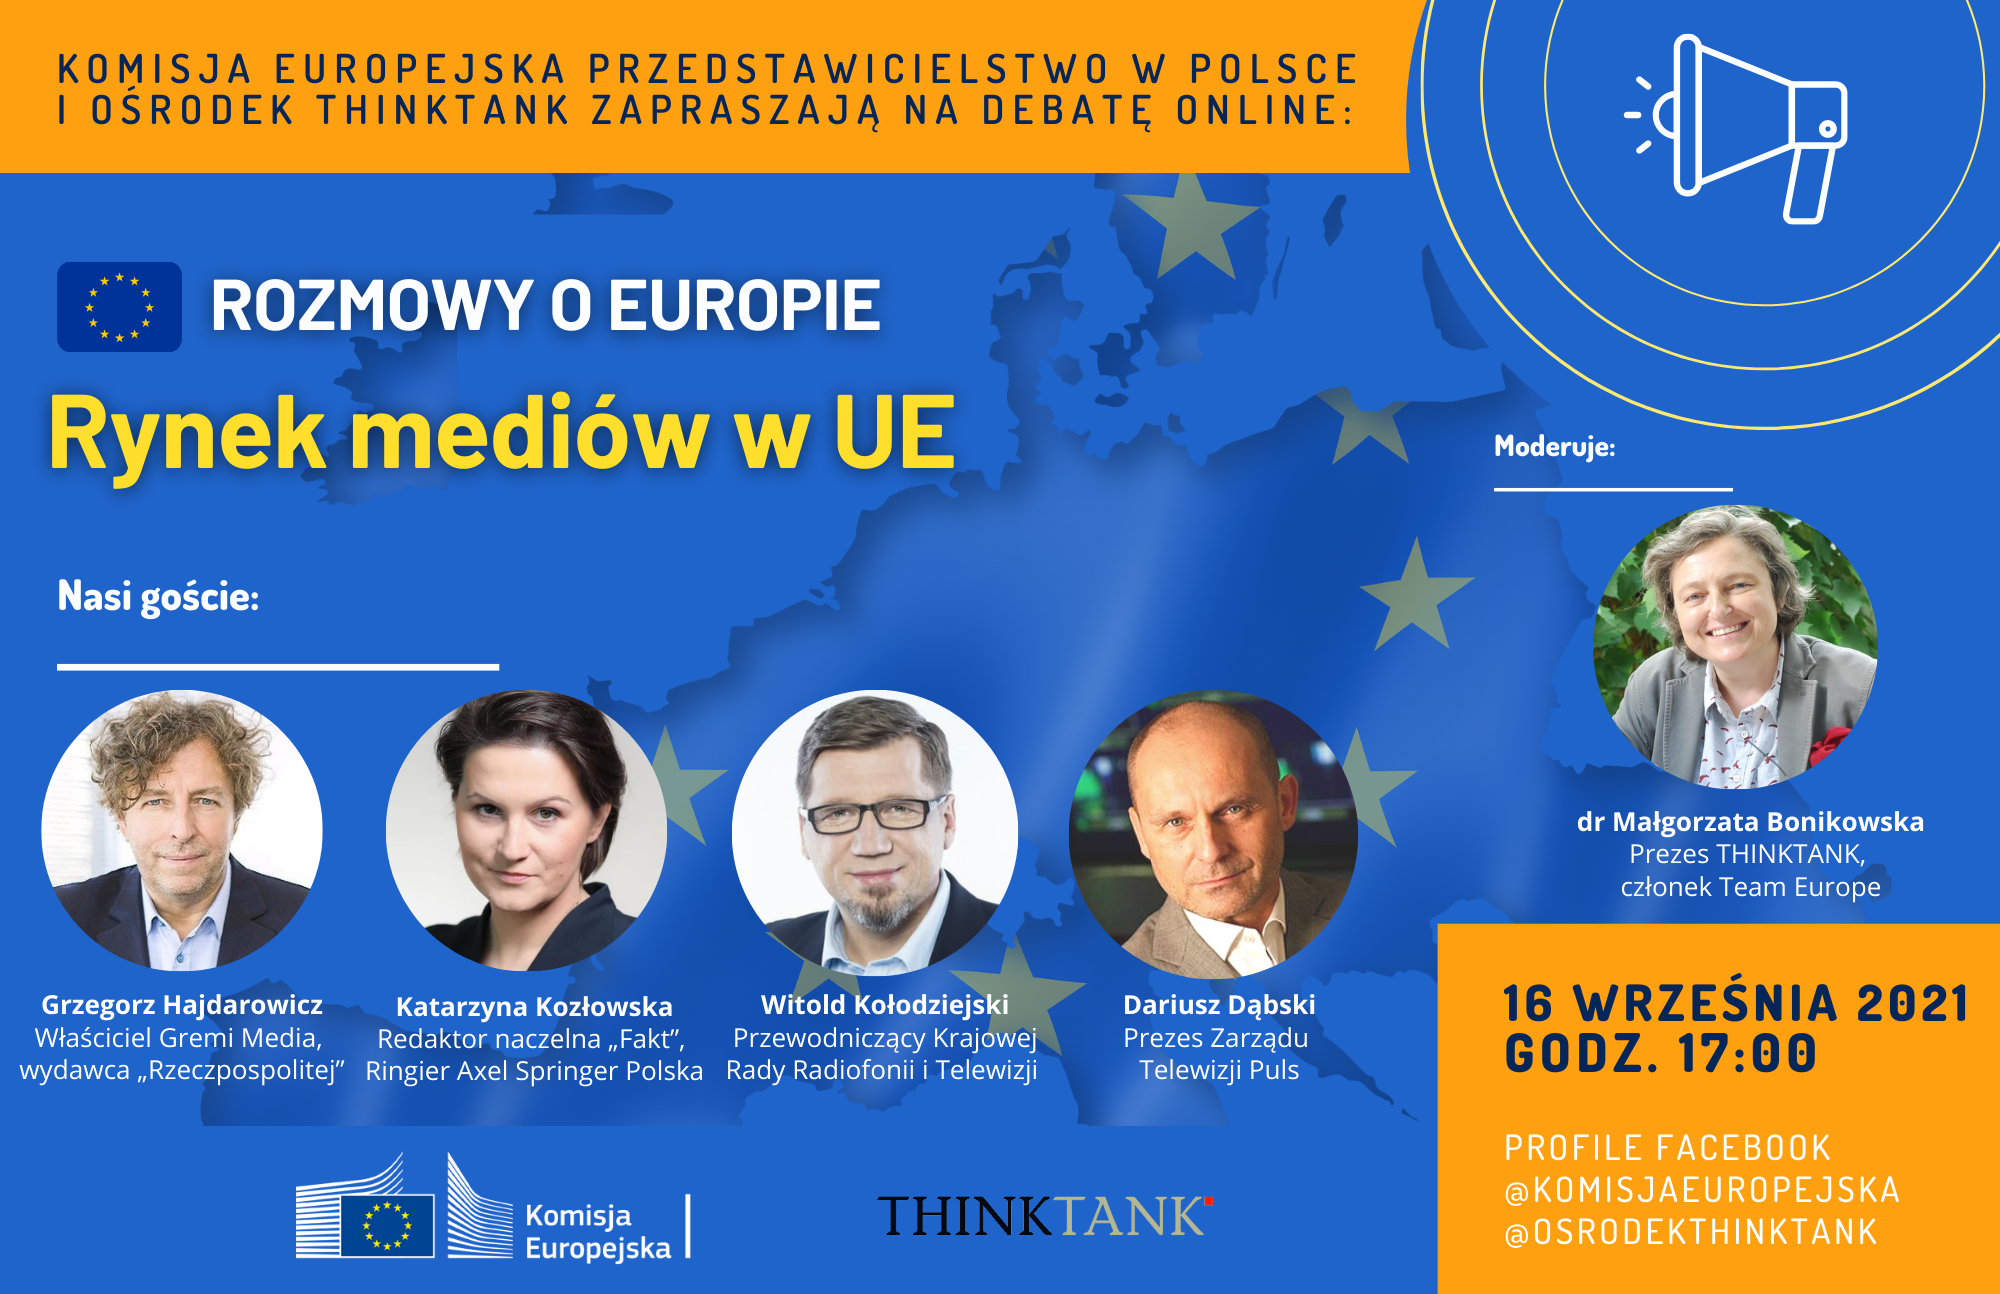 ROZMOWY O EUROPIE: Rynek mediów w UE